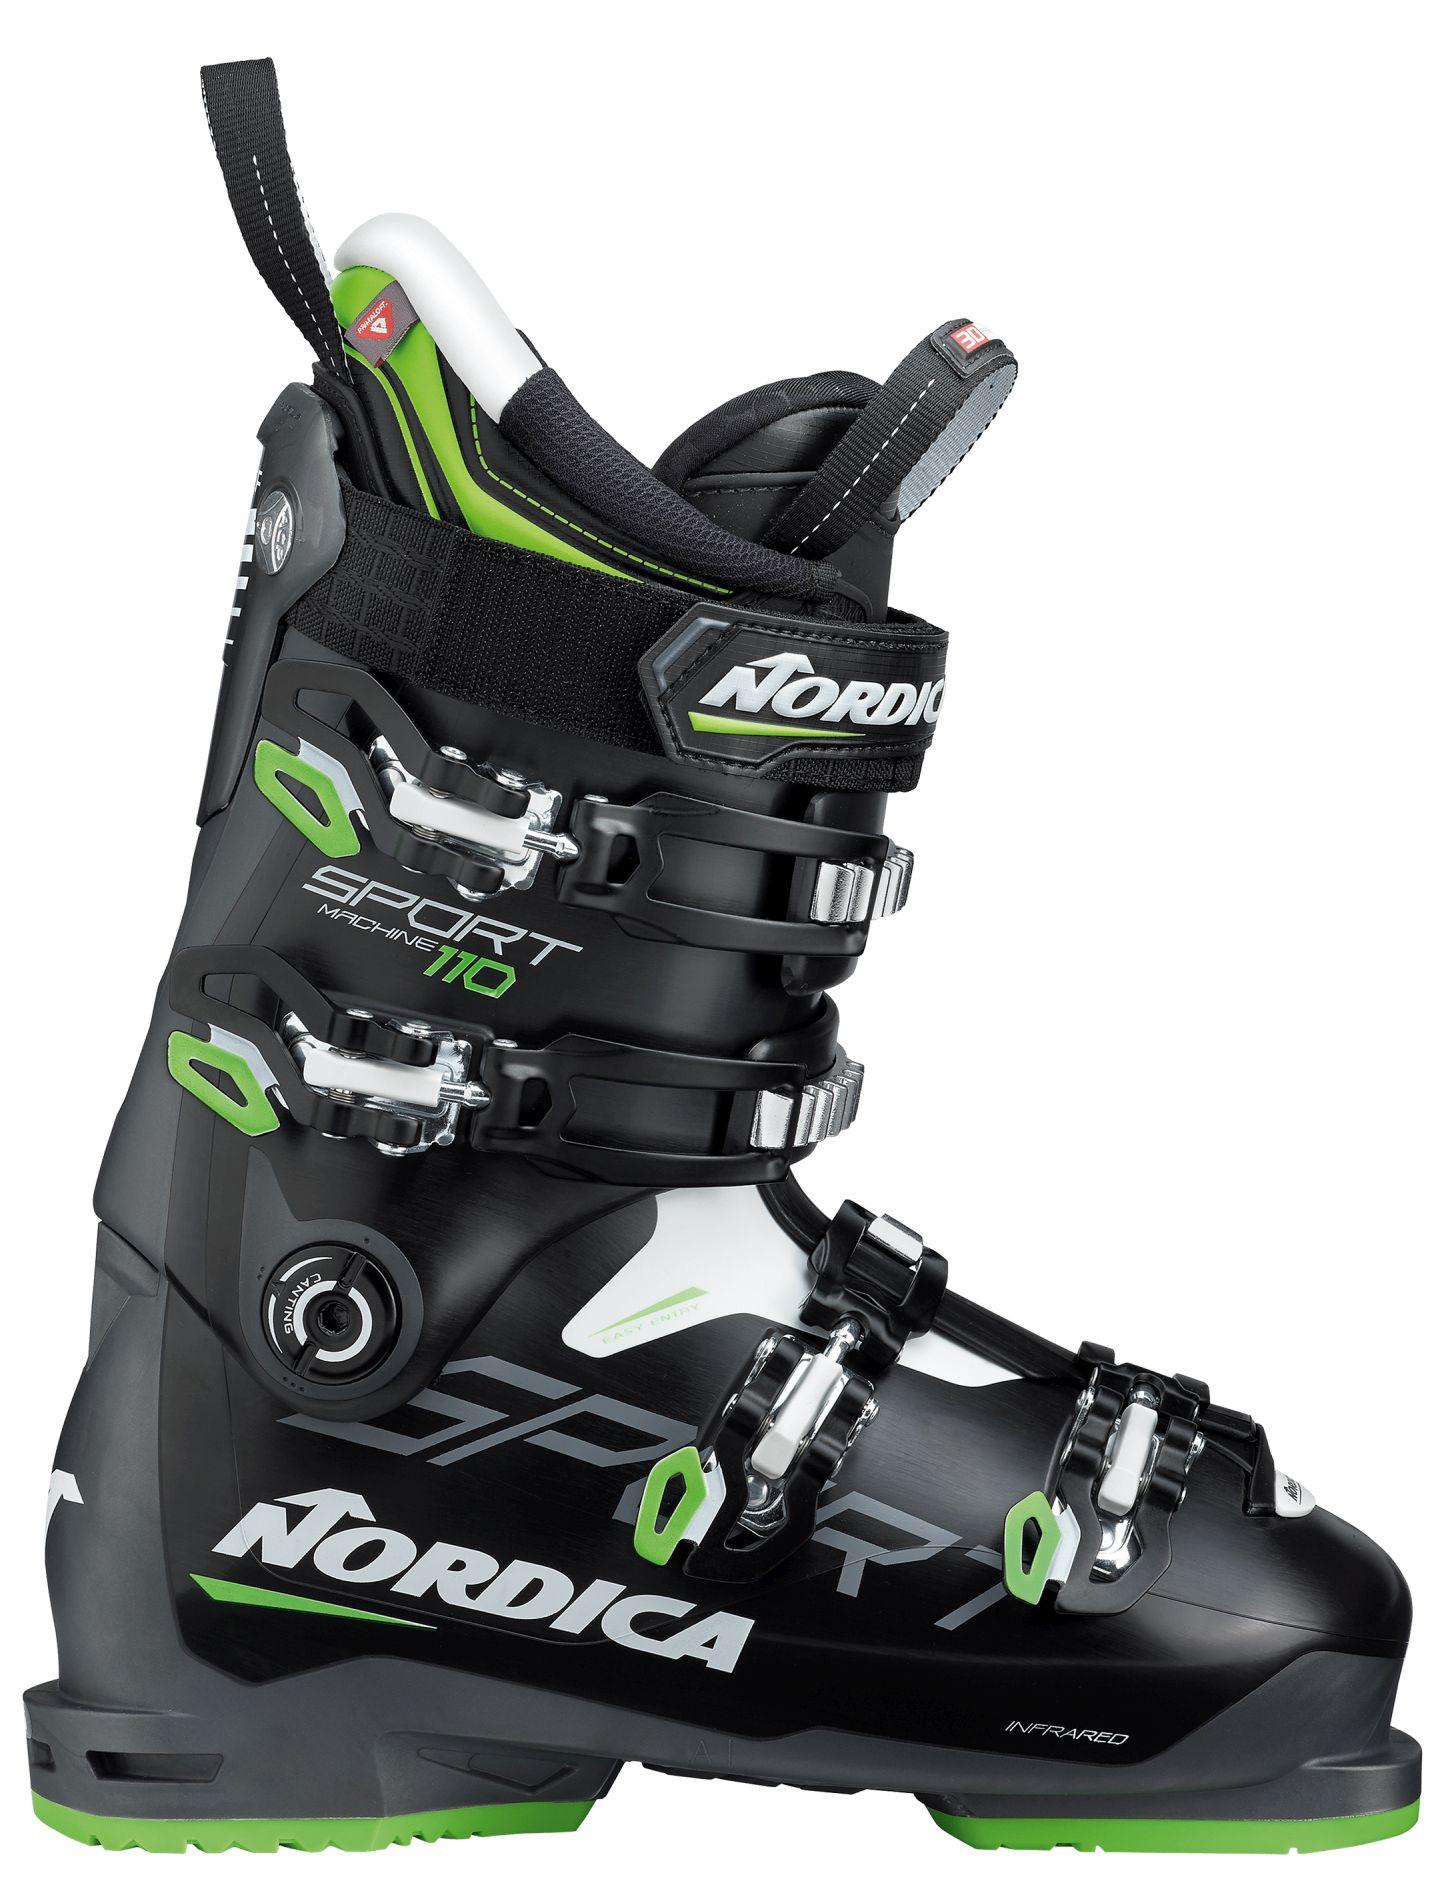 E-shop Nordica Sportmachine 110 - black/anthracite/green 290